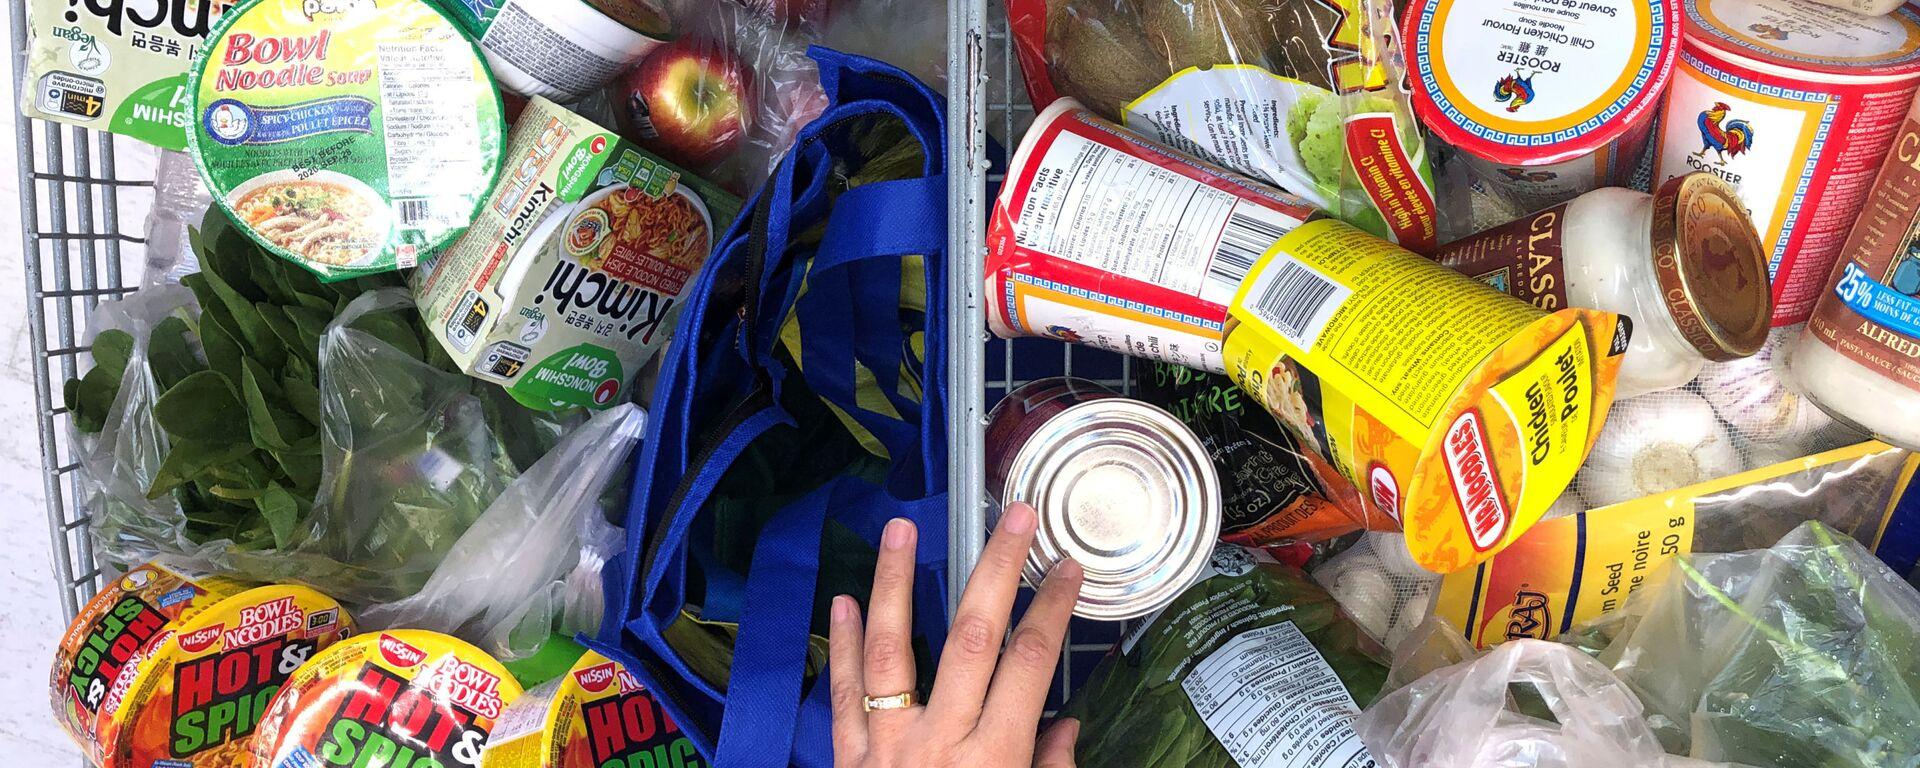 Покупатель с тележкой, наполненной продуктами в супермаркете в Канаде  - Sputnik Latvija, 1920, 01.10.2021